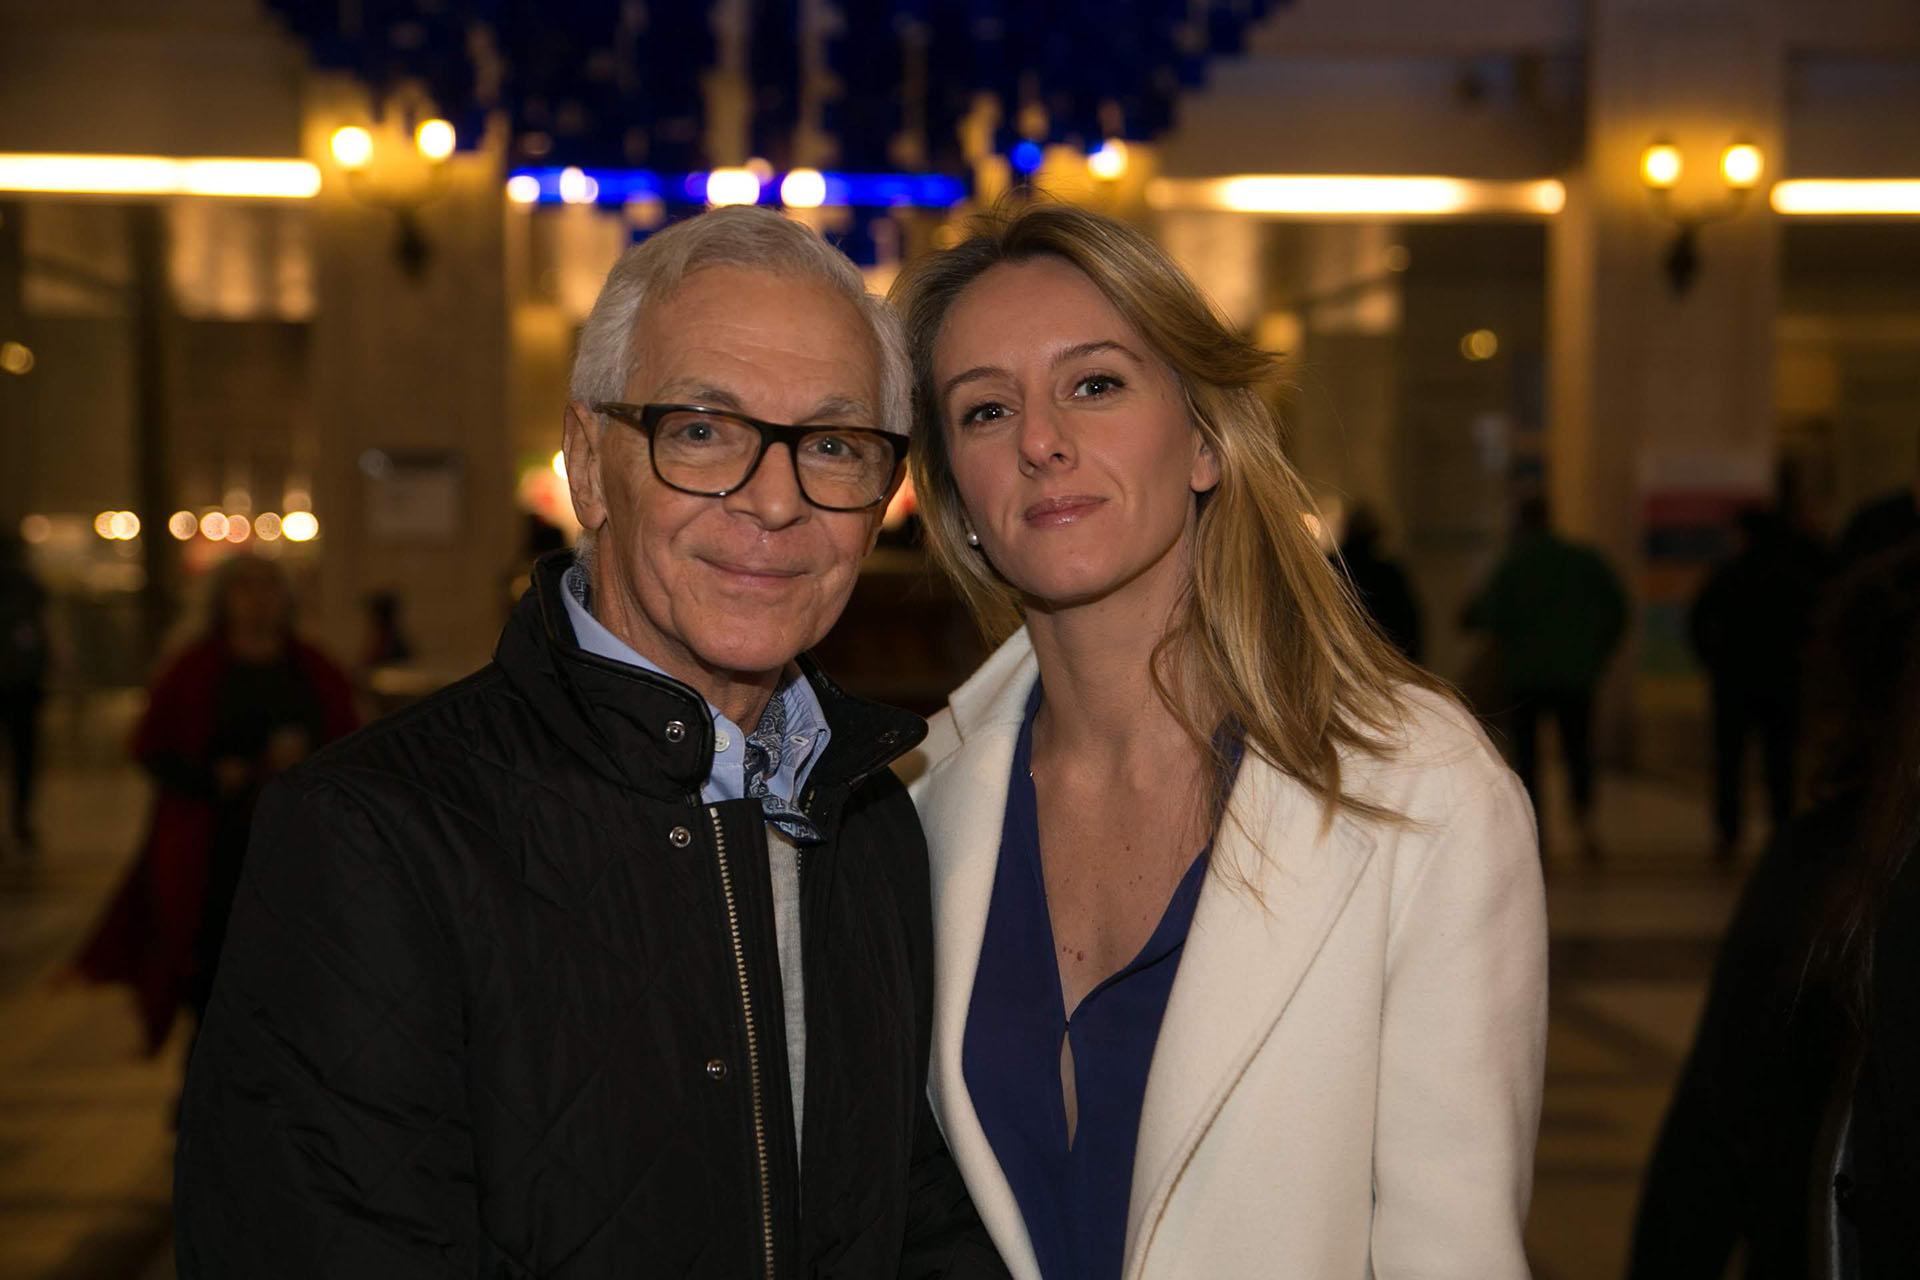 El empresario Eduardo Costantini y su pareja Estefanía Daneri